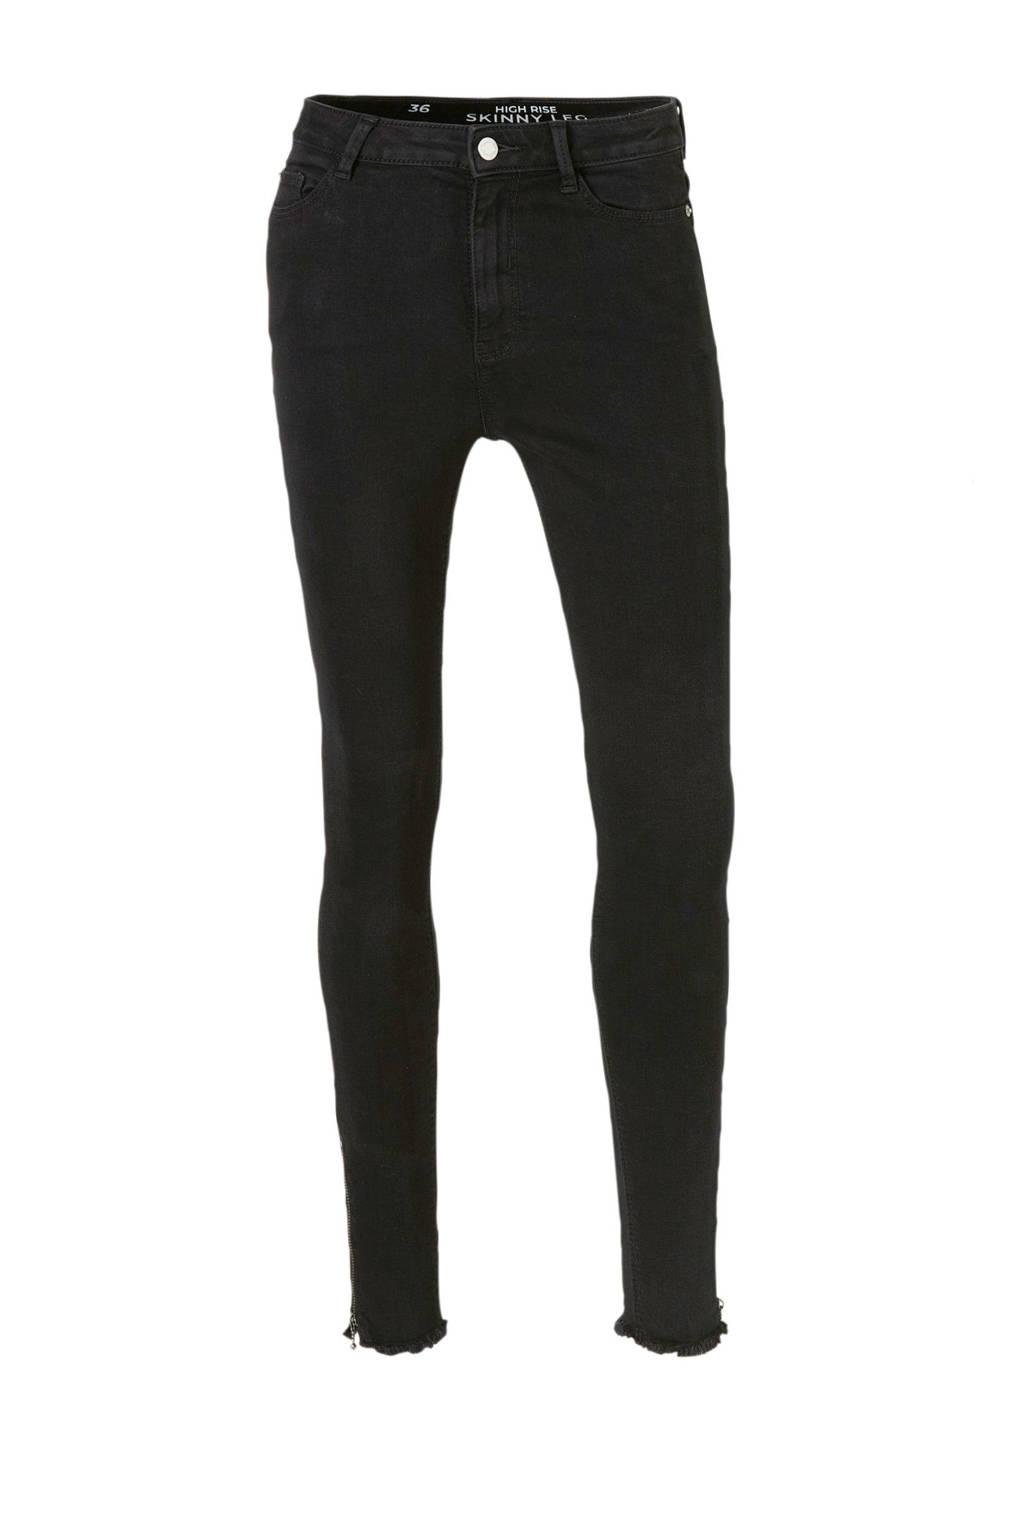 C&A Clockhouse cropped high waist skinny jeans zwart, Zwart